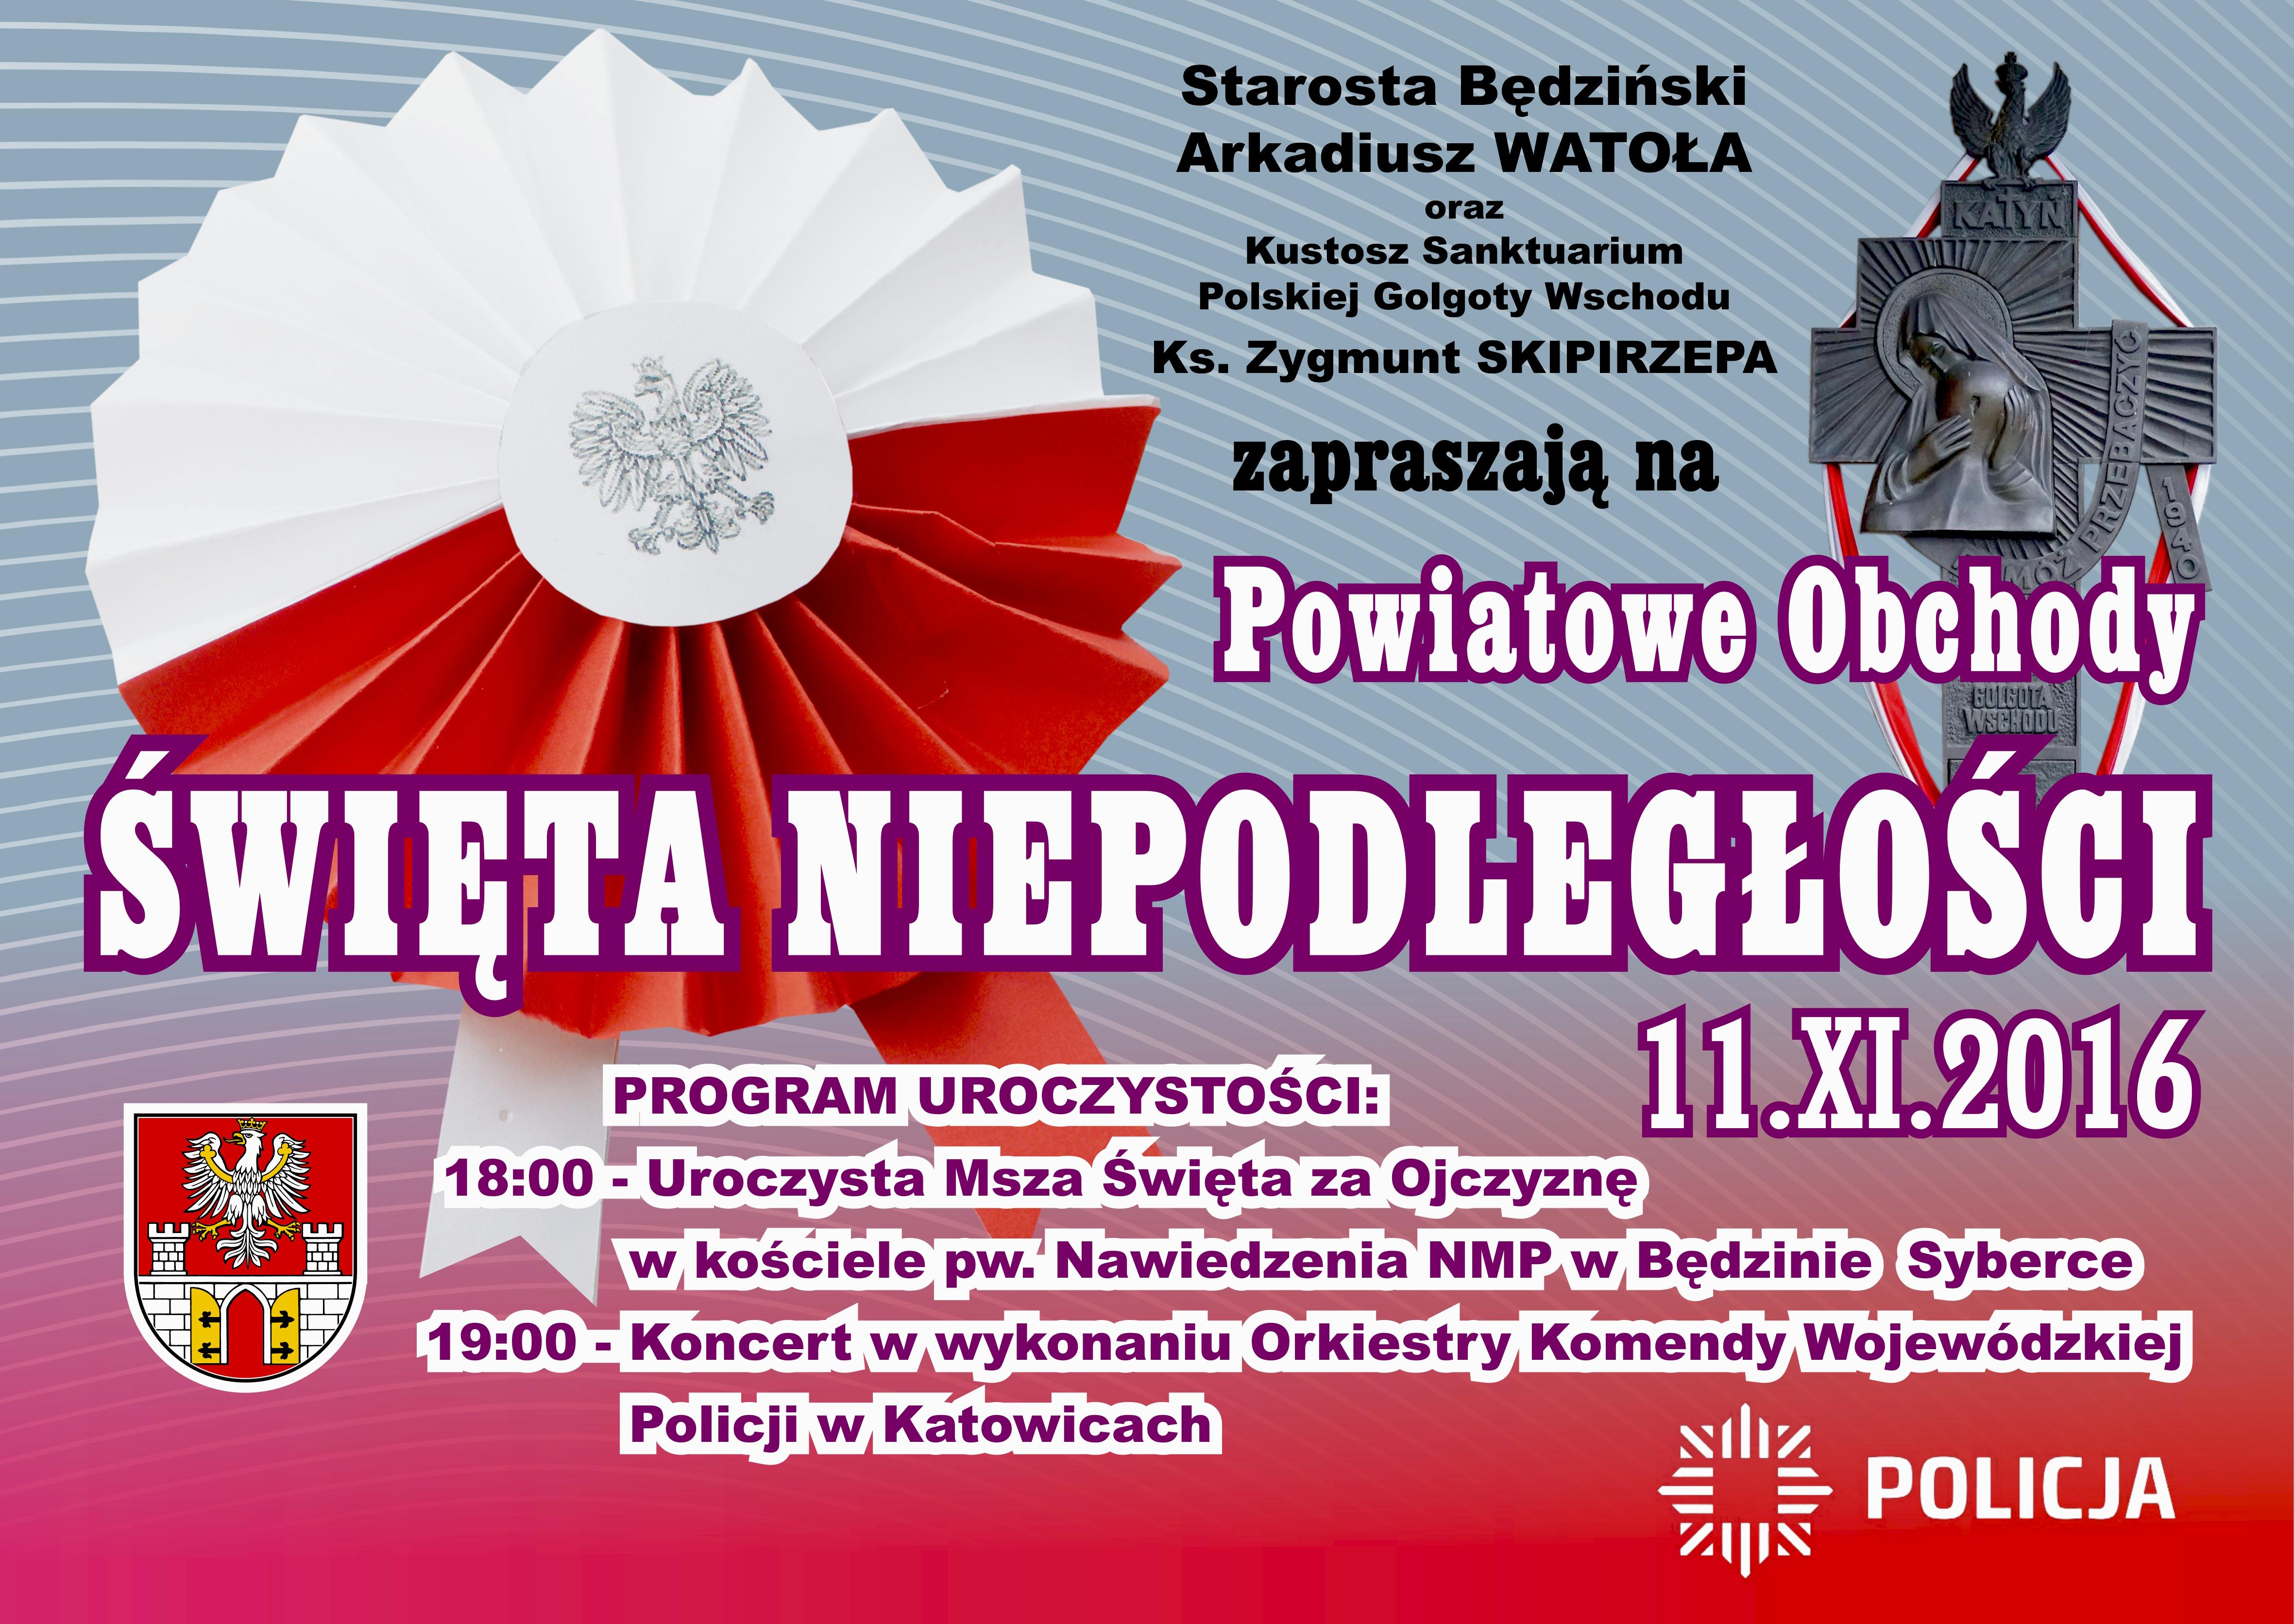 Plakat informujący o powiatowych obchodach Święta Niepodległości